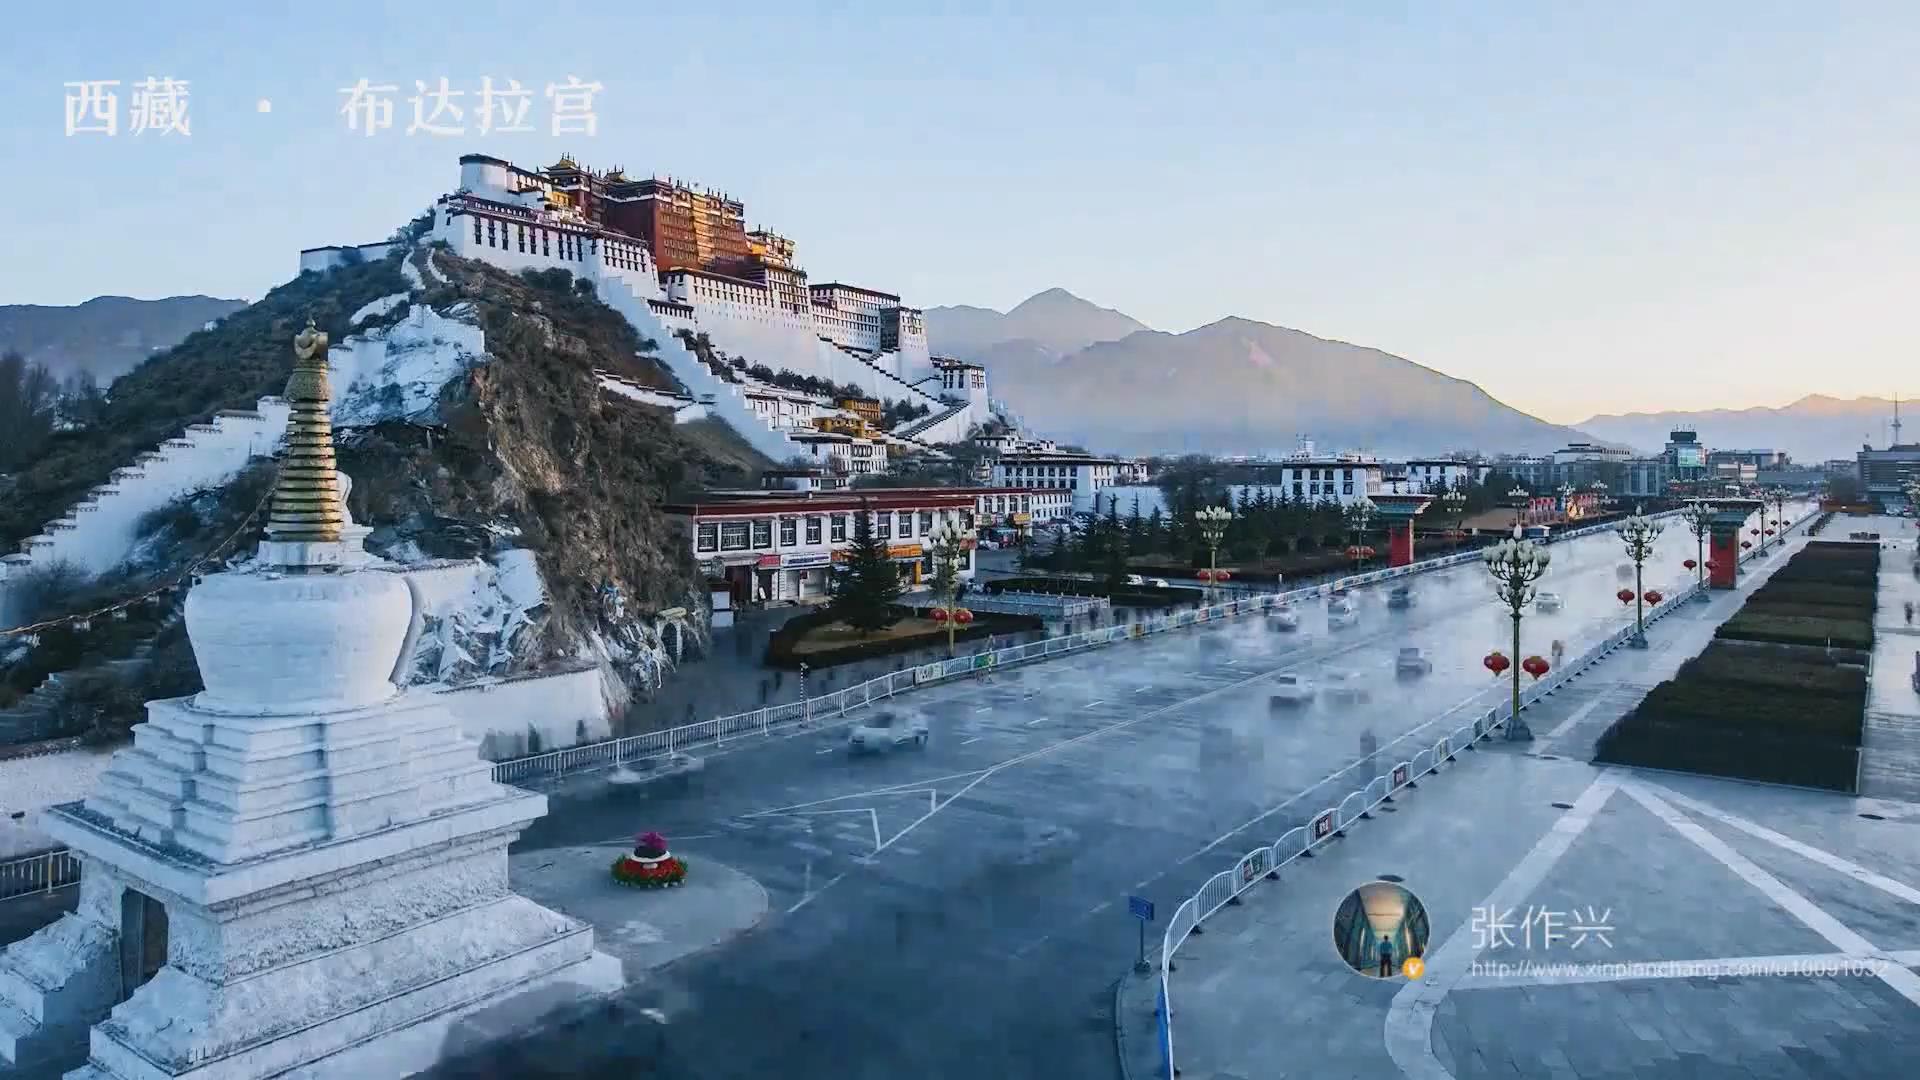 【风景】这里是中国,记录最美中华,为美丽的神州大地打call!